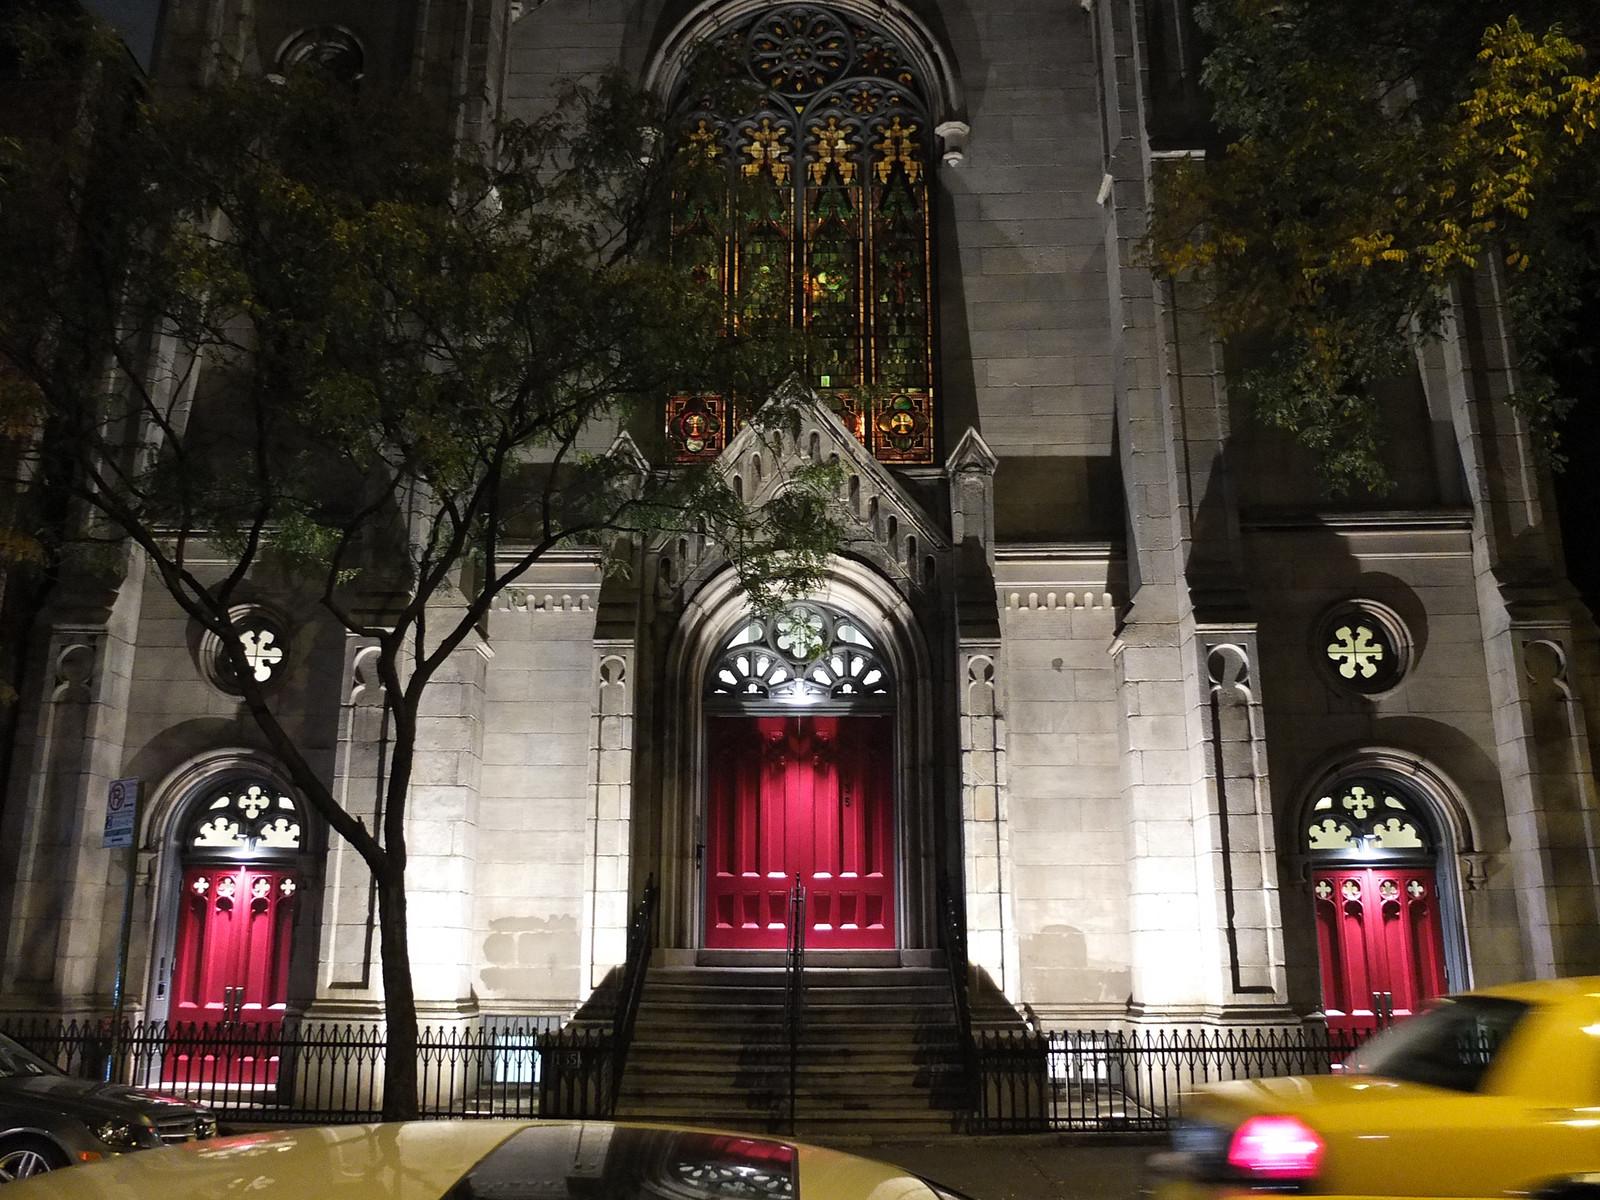 Church, backlit windows by wwward0